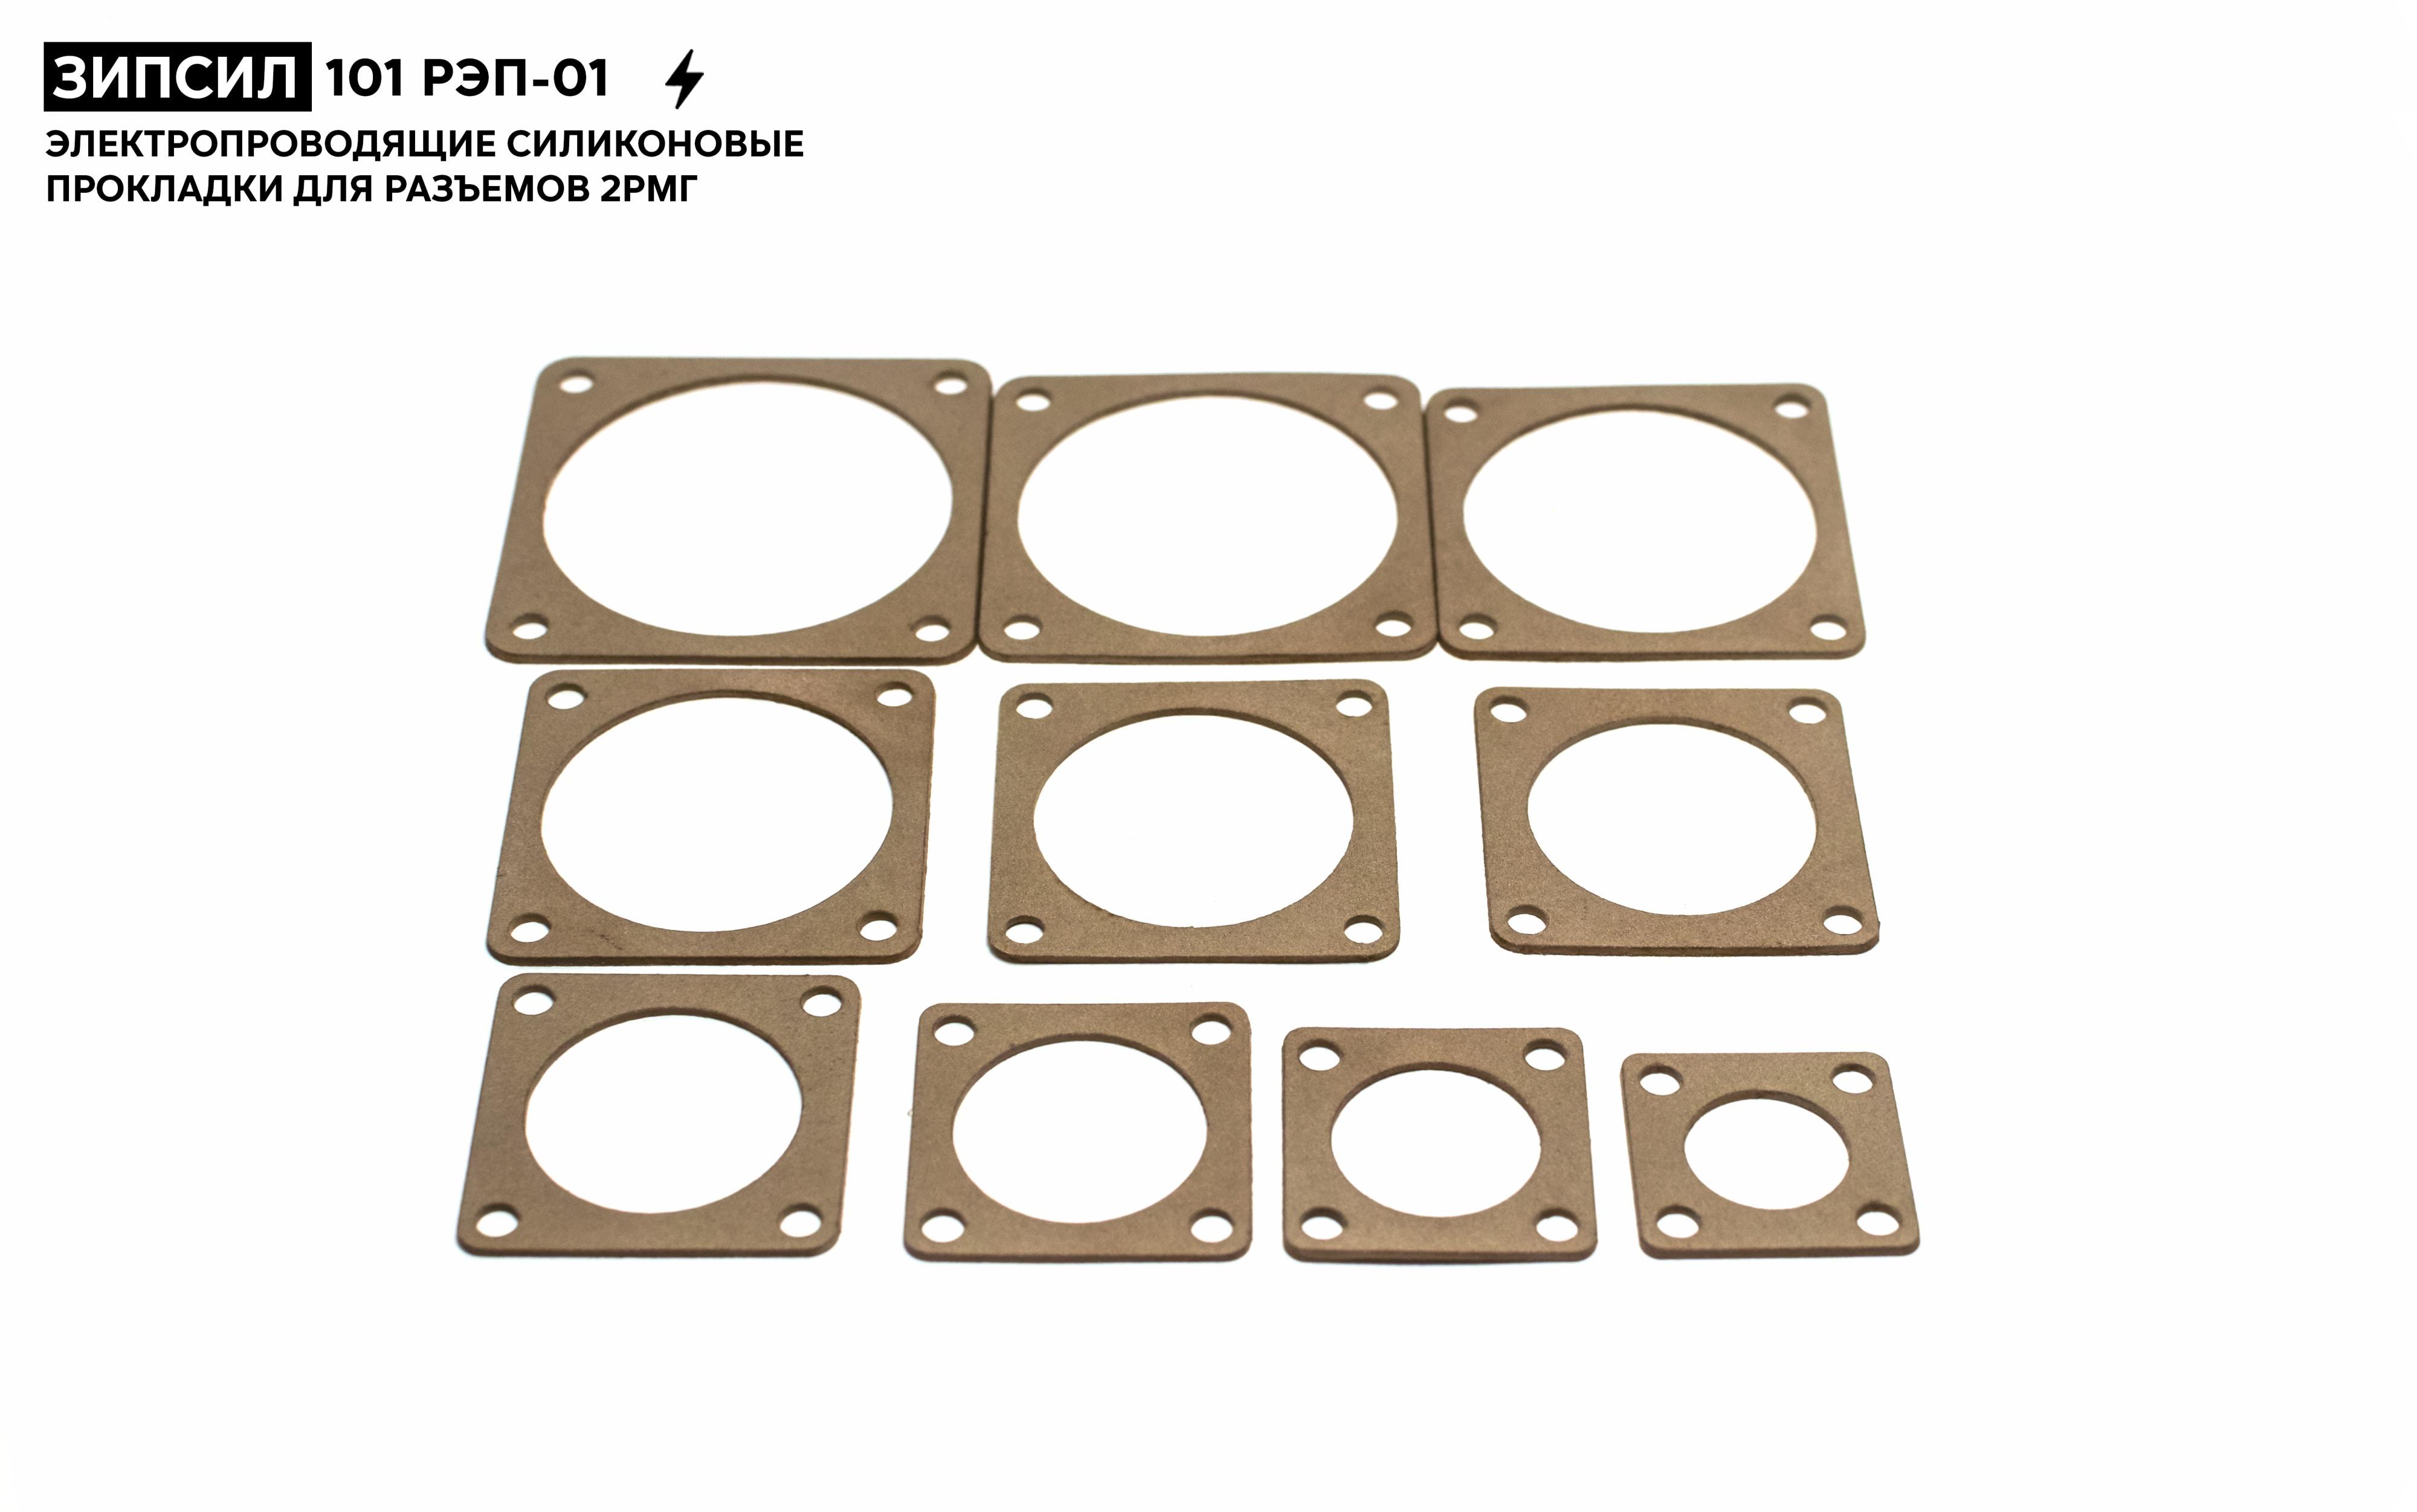 Серийные электропроводящие силиконовые уплотнительные прокладки ЗИПСИЛ 101 РЭП-01 для уплотнения фланцев герметичных разъемов 2РМГ и 2РМГД.